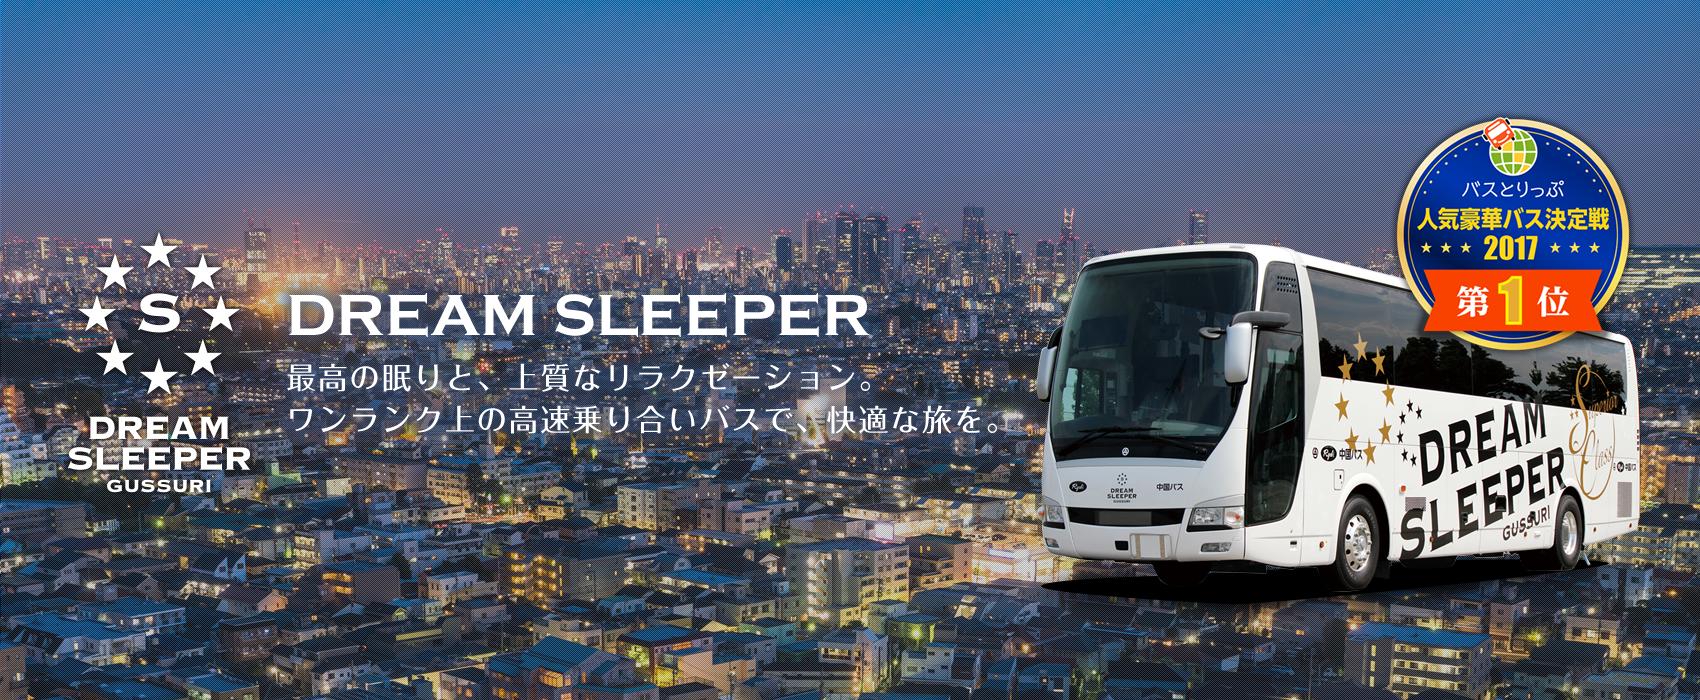 メイン画像:DREAMSLEEPER 最高の眠りと、上質なリラクゼーション。ワンランク上の高速乗合バスで、快適な旅を。